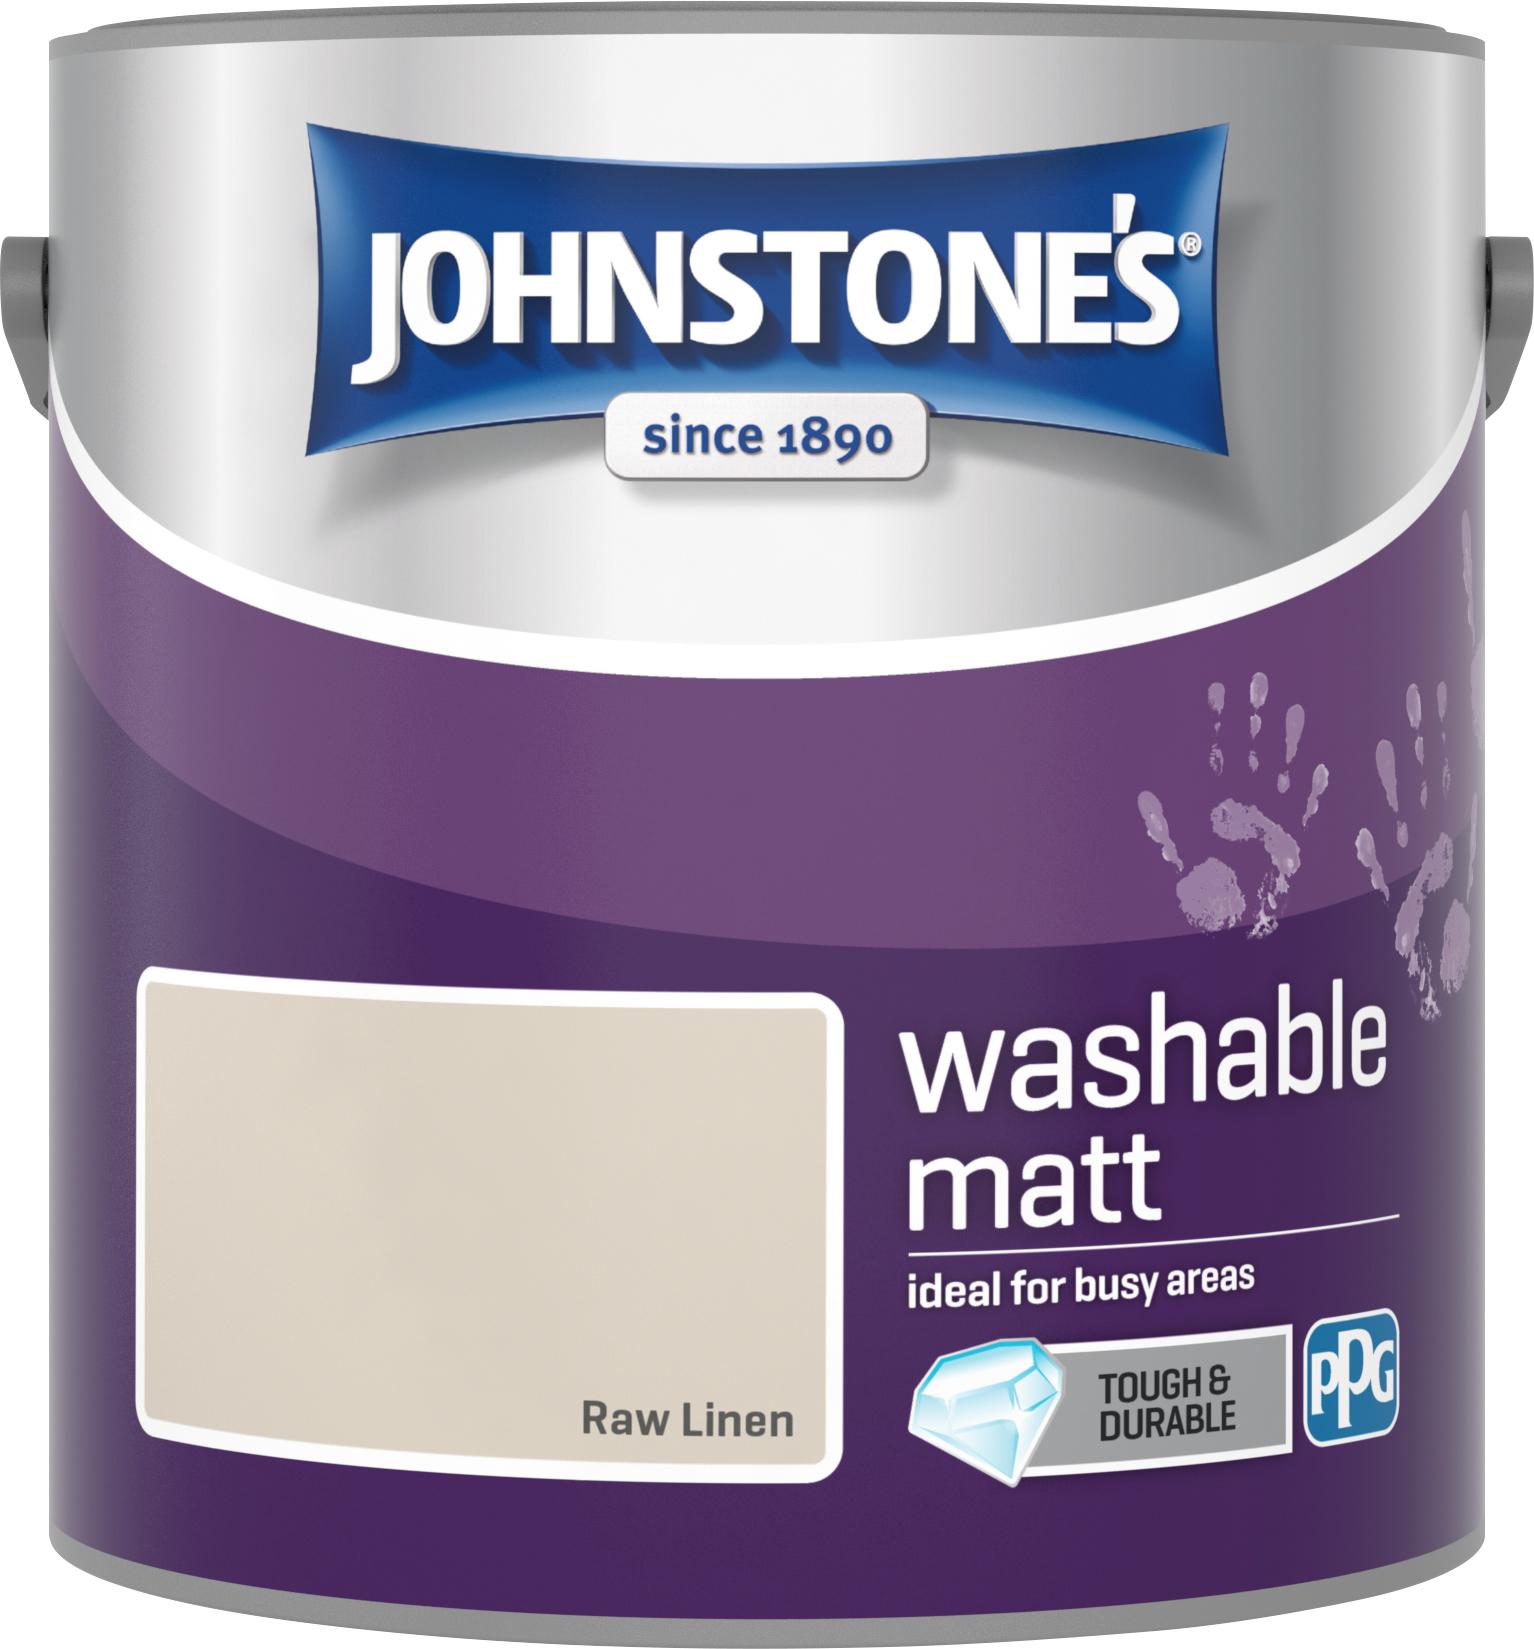 Johnstone's 2.5 Litre Washable Matt Emulsion Paint - Raw Linen